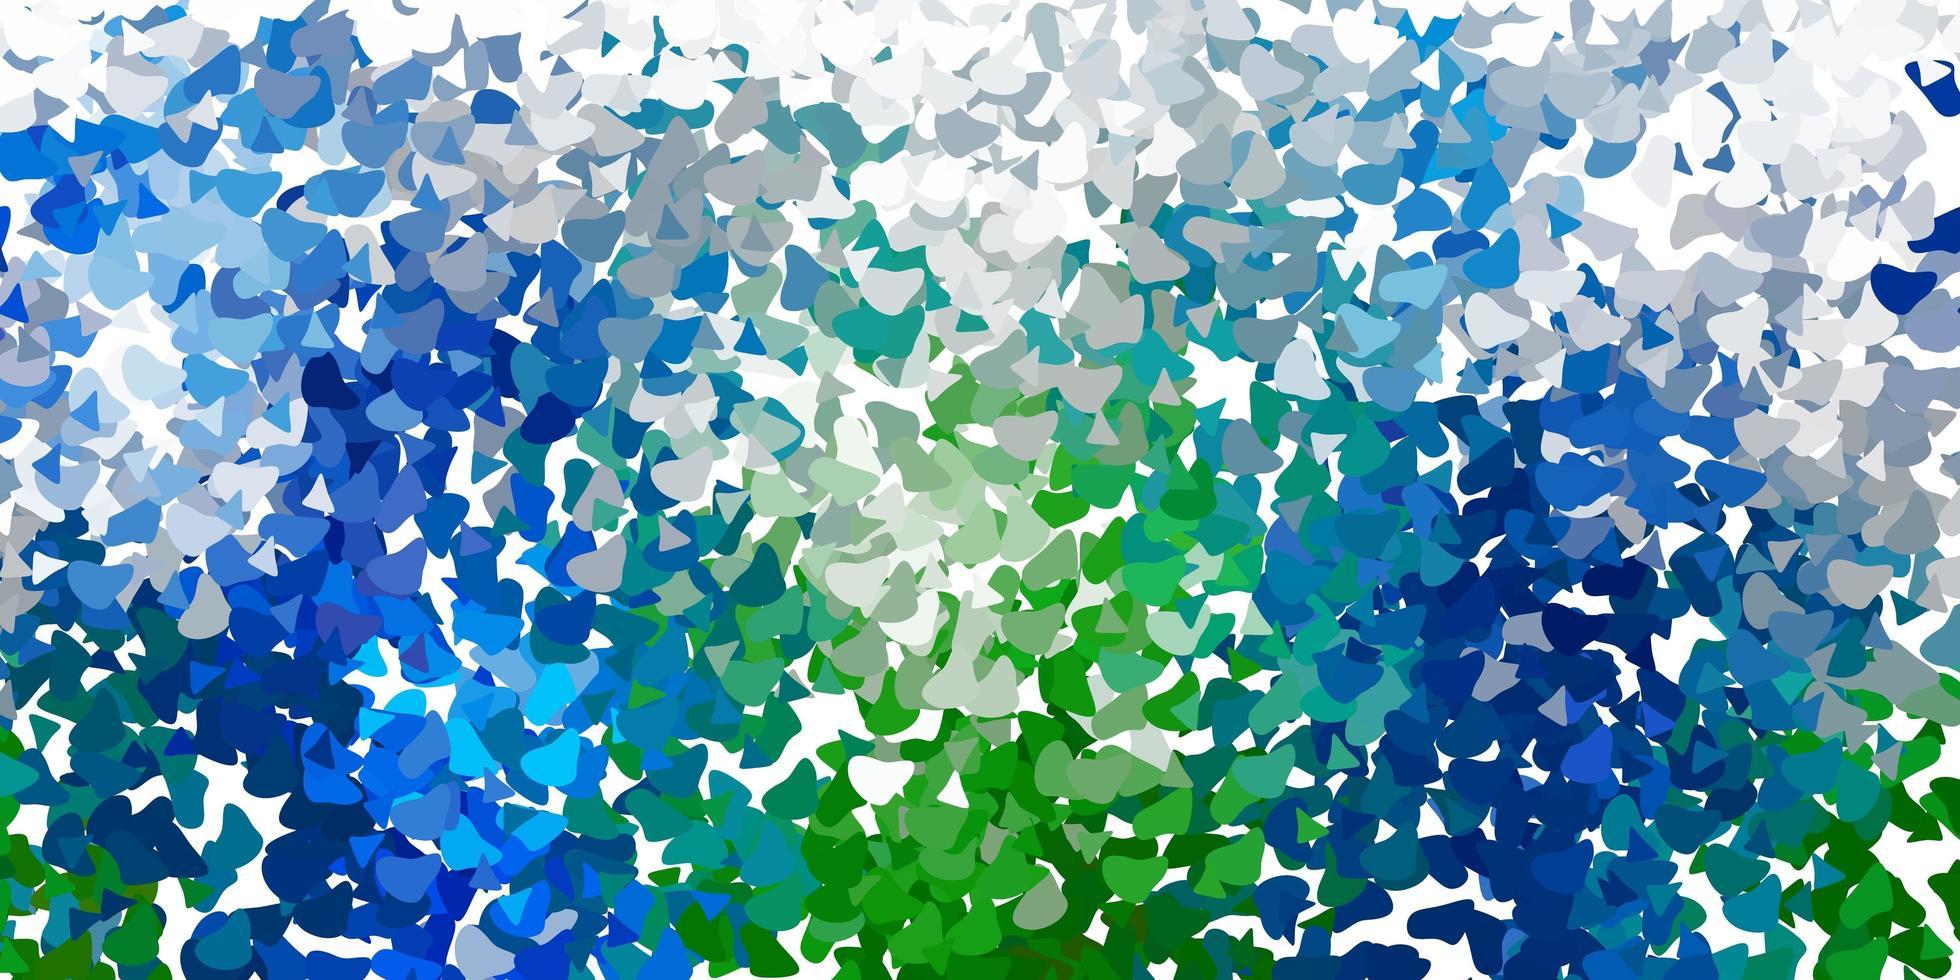 toile de fond de vecteur bleu clair, vert avec des formes chaotiques.